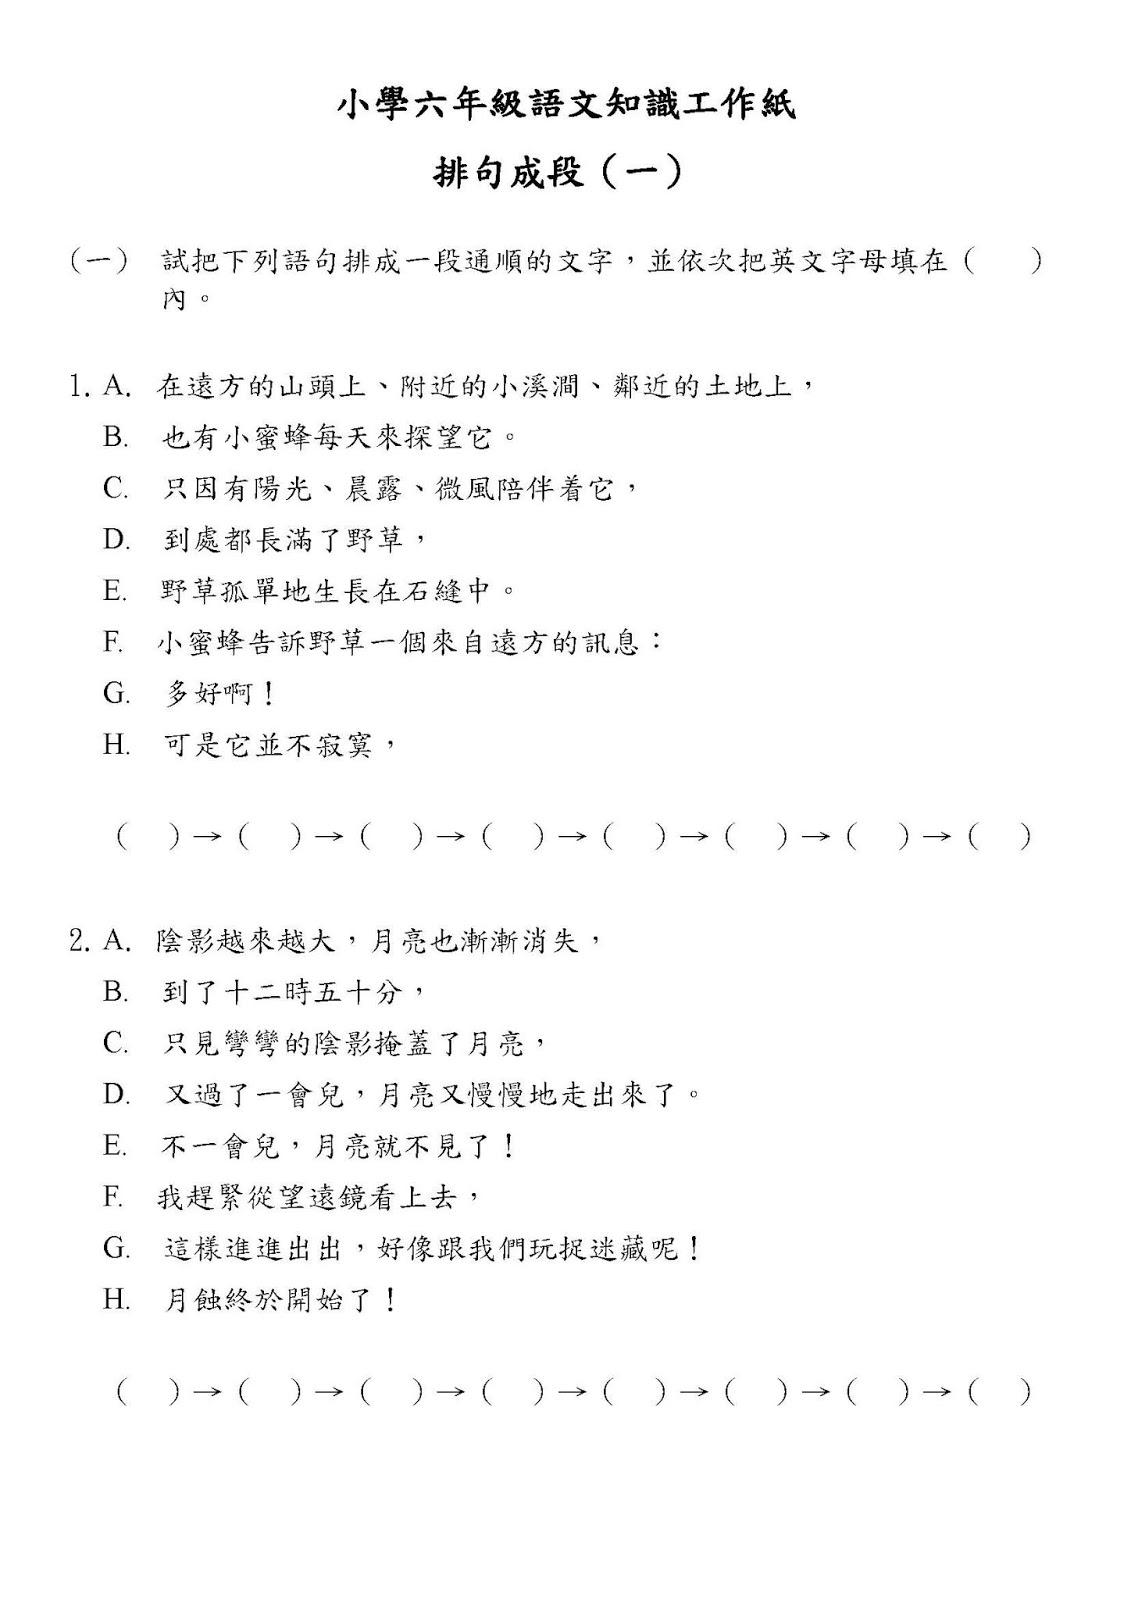 小六語文知識工作紙:排句成段(一)|中文工作紙|尤莉姐姐的反轉學堂